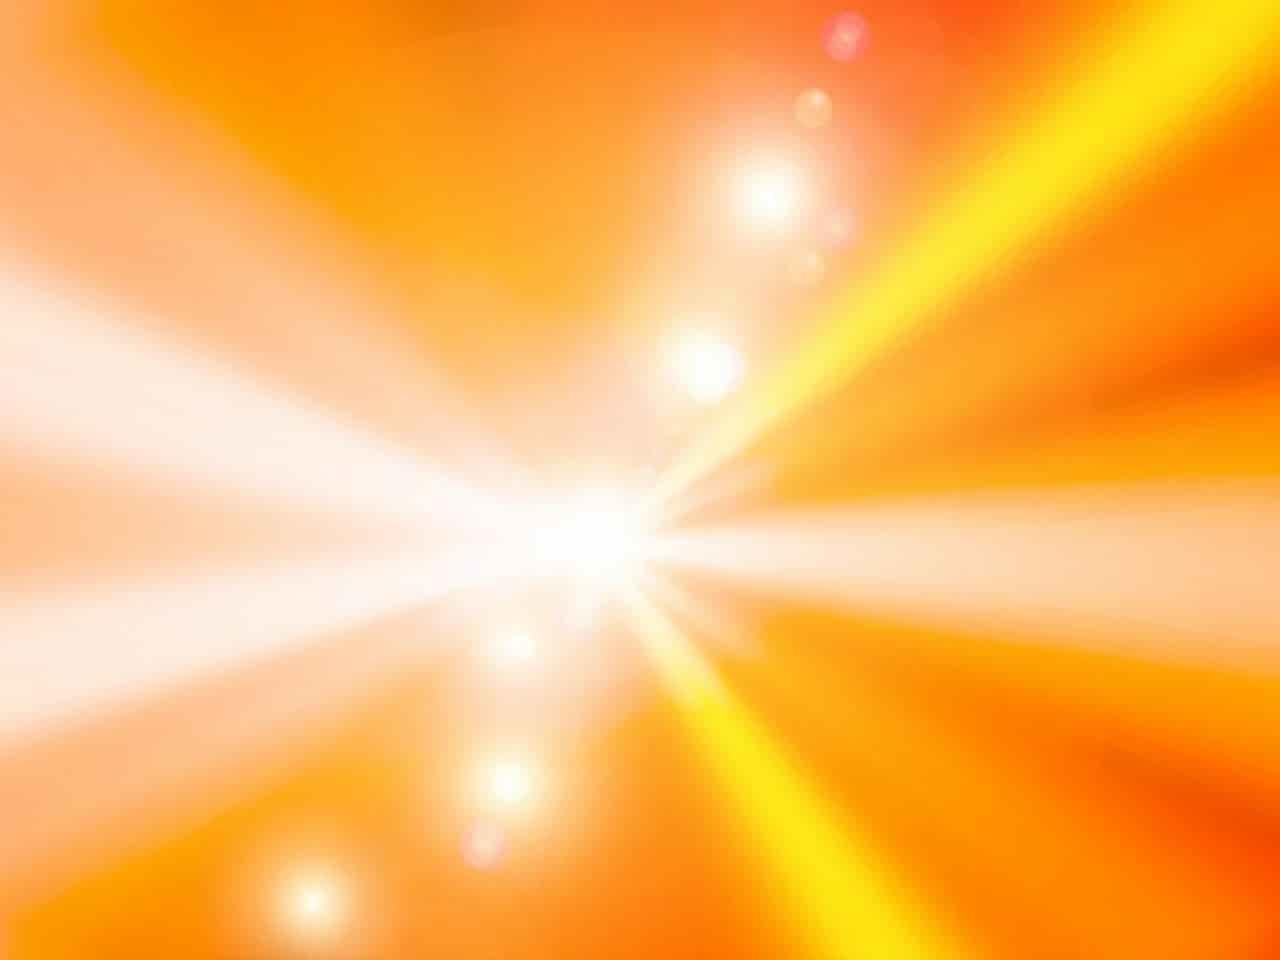 集中力が増した光り輝く状態のイラスト